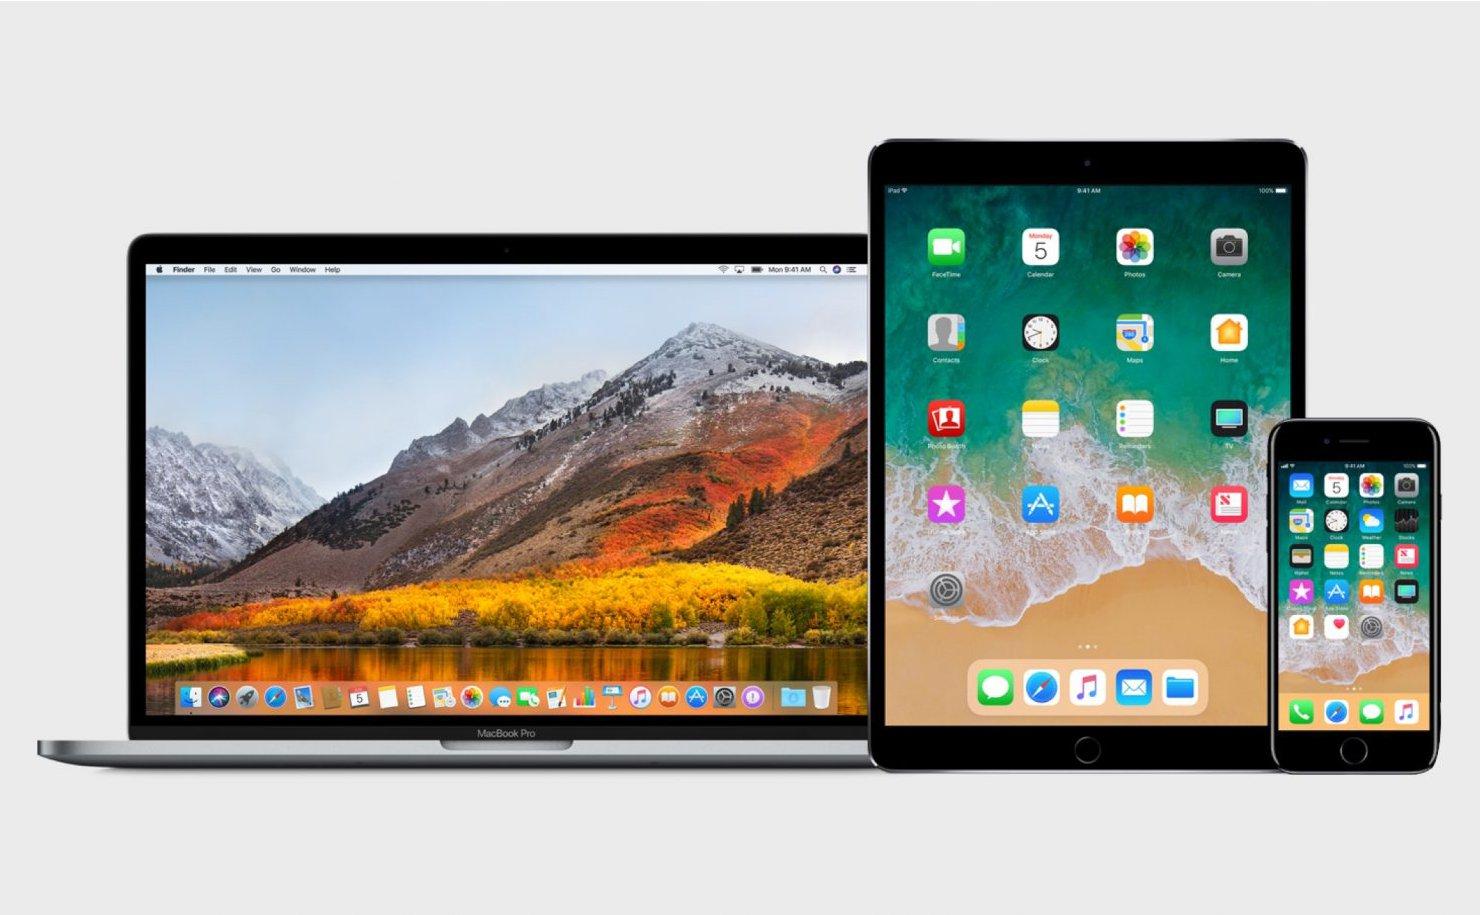 macOSvàiOS macosvàios - CEO Apple khẳng định macOS và iOS sẽ không hợp nhất